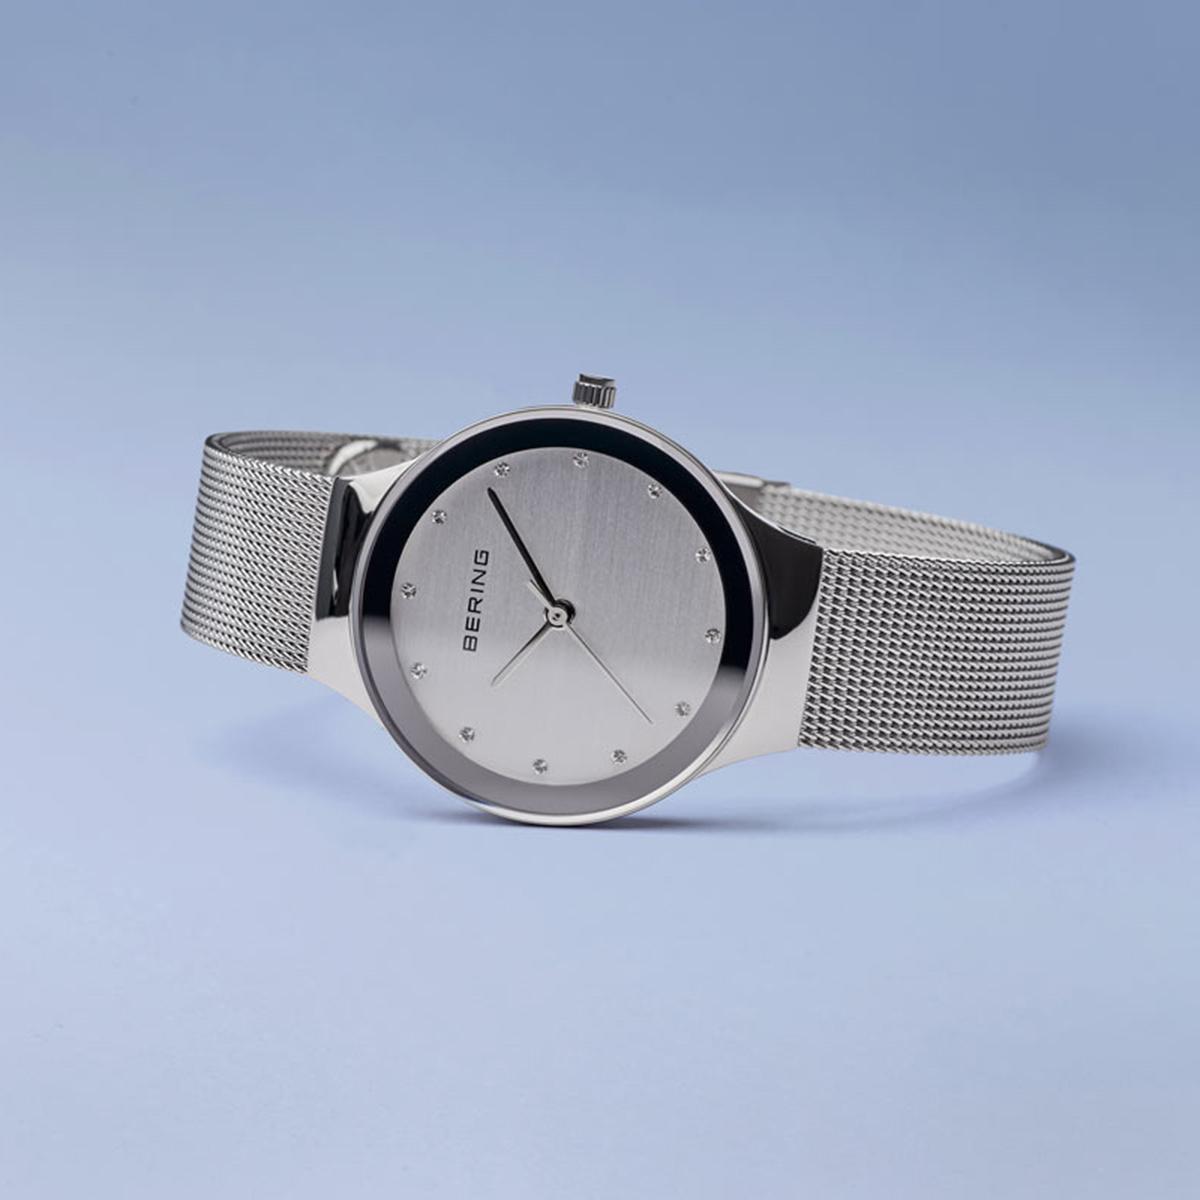 שעון ברינג דגם 12934-000 BERING